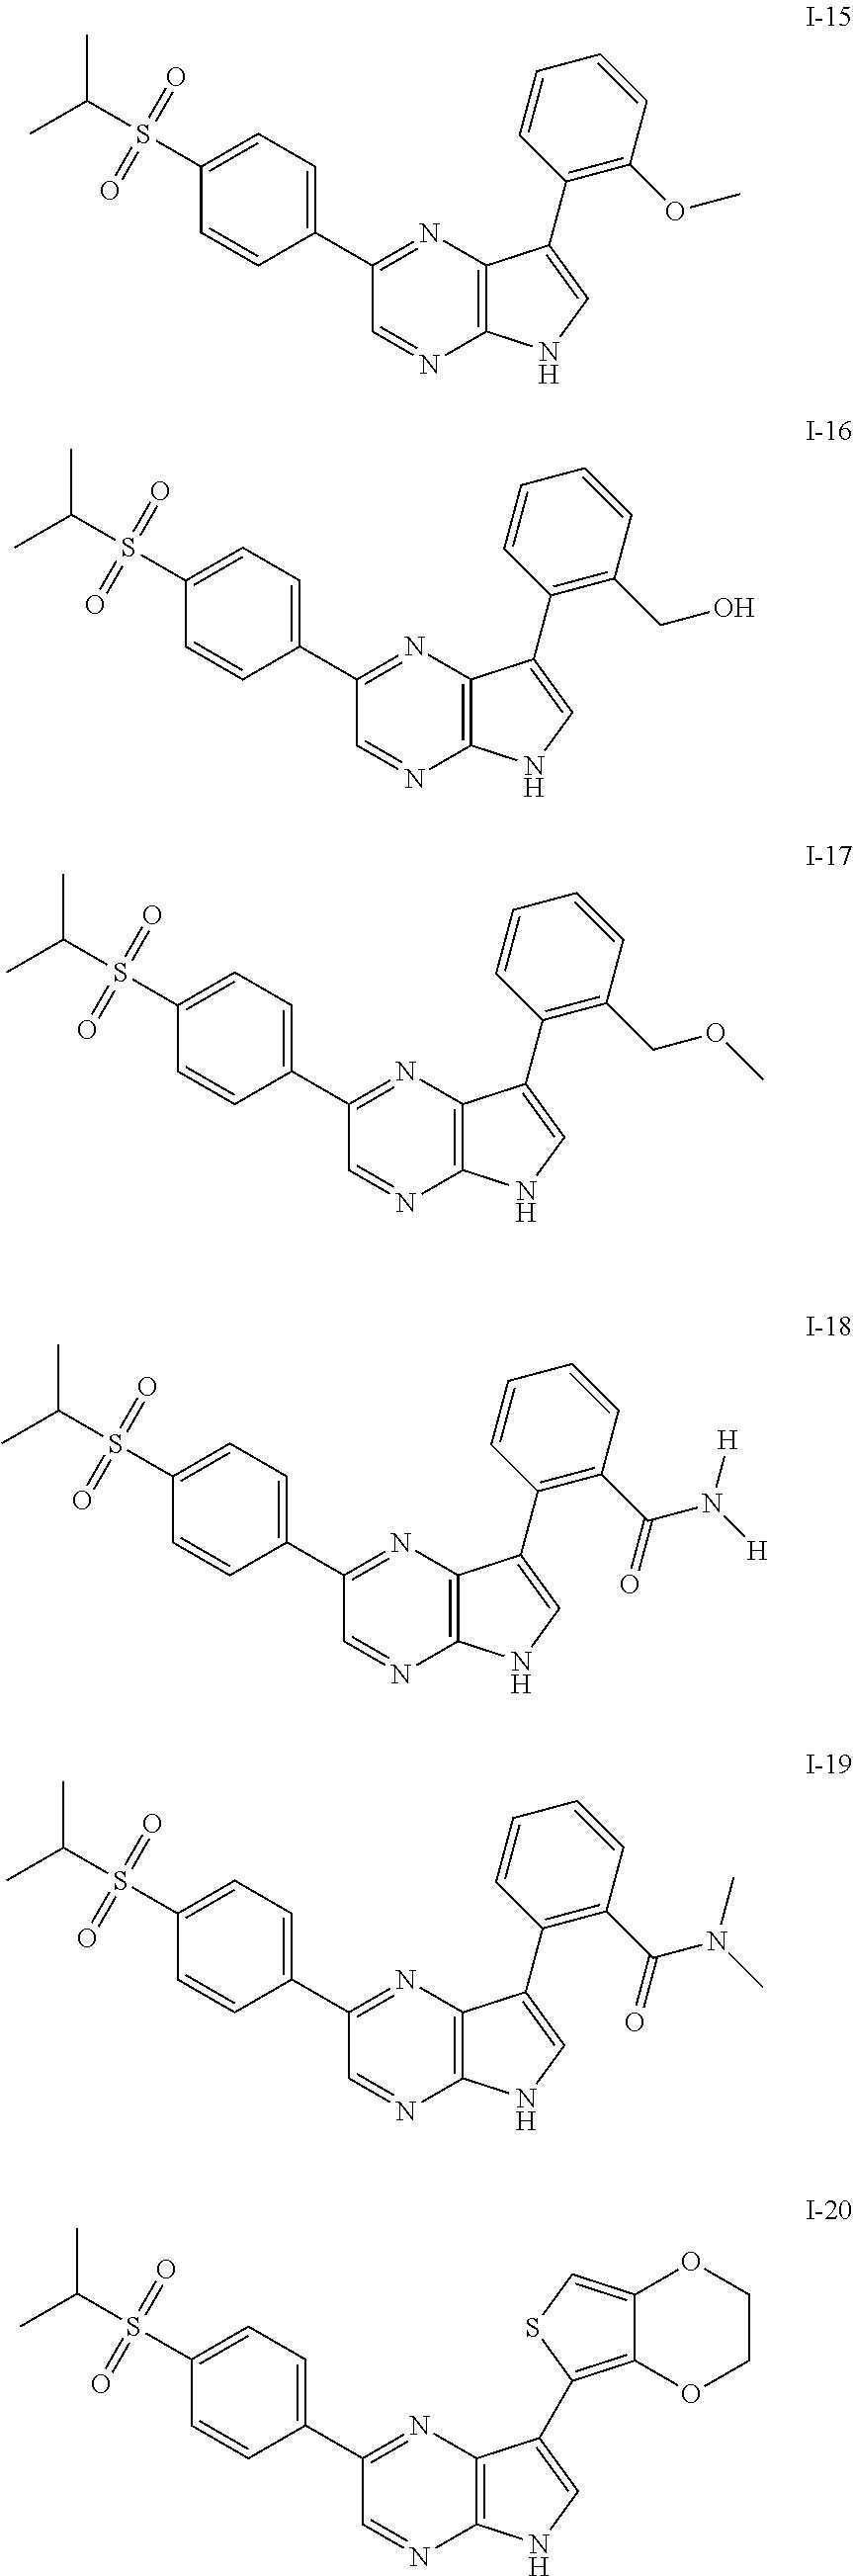 Figure US20120046295A1-20120223-C00161